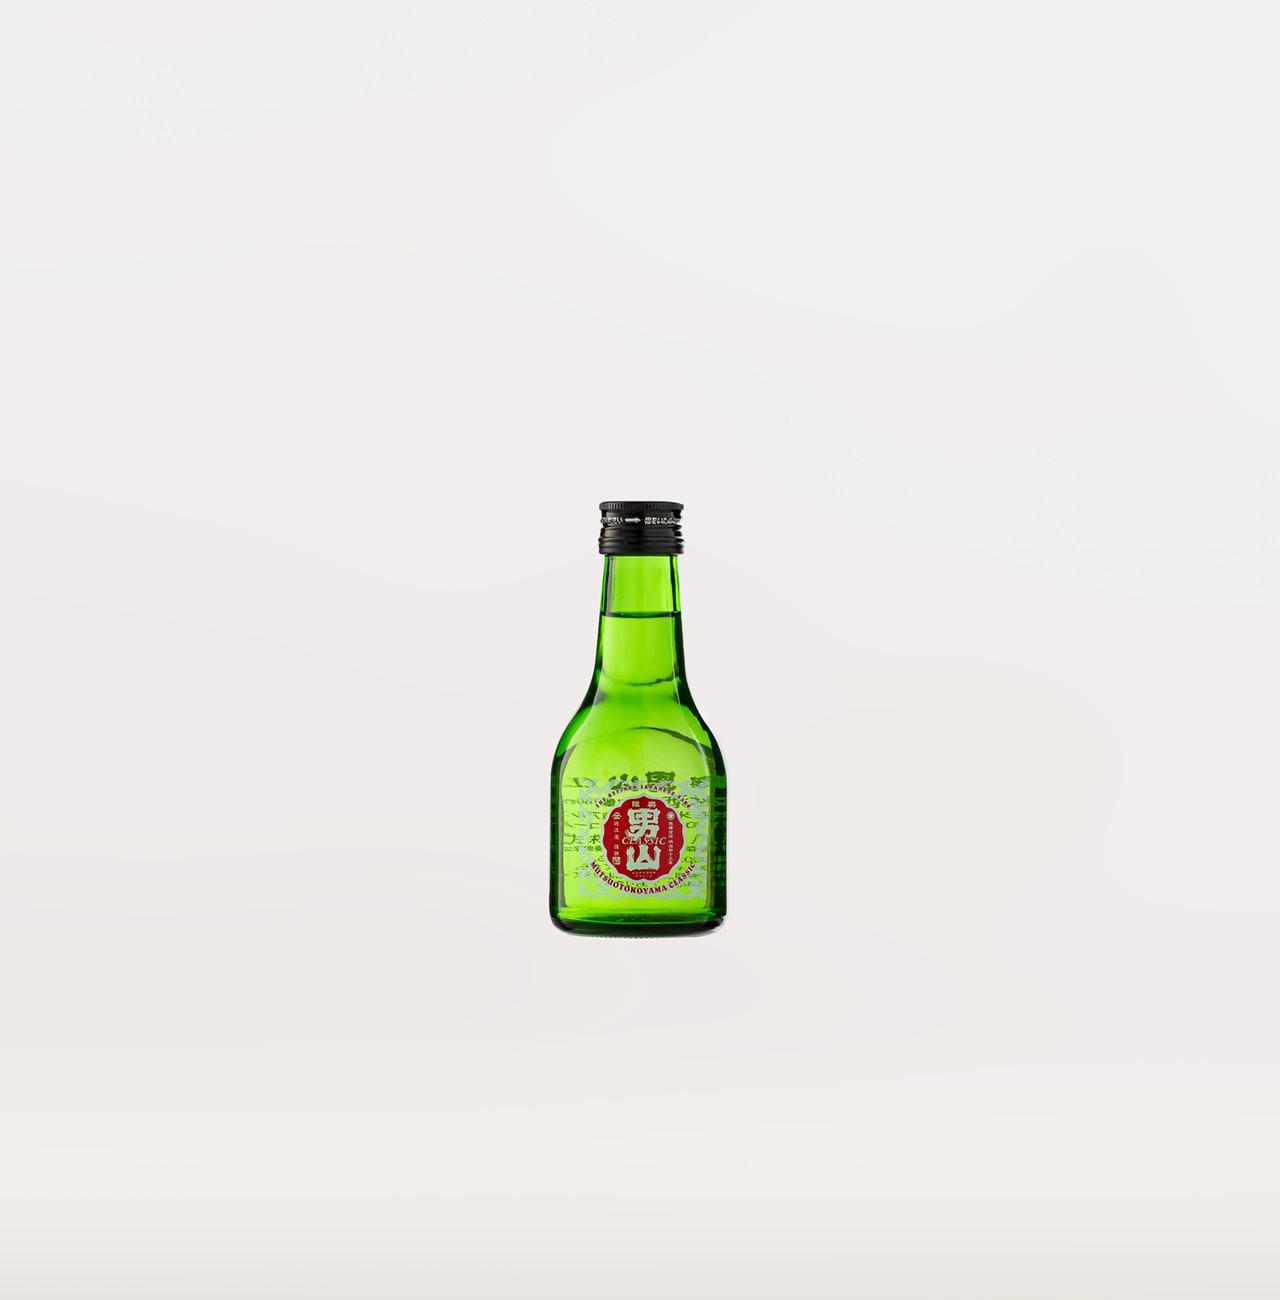 陸奥男山 一合瓶 180ml